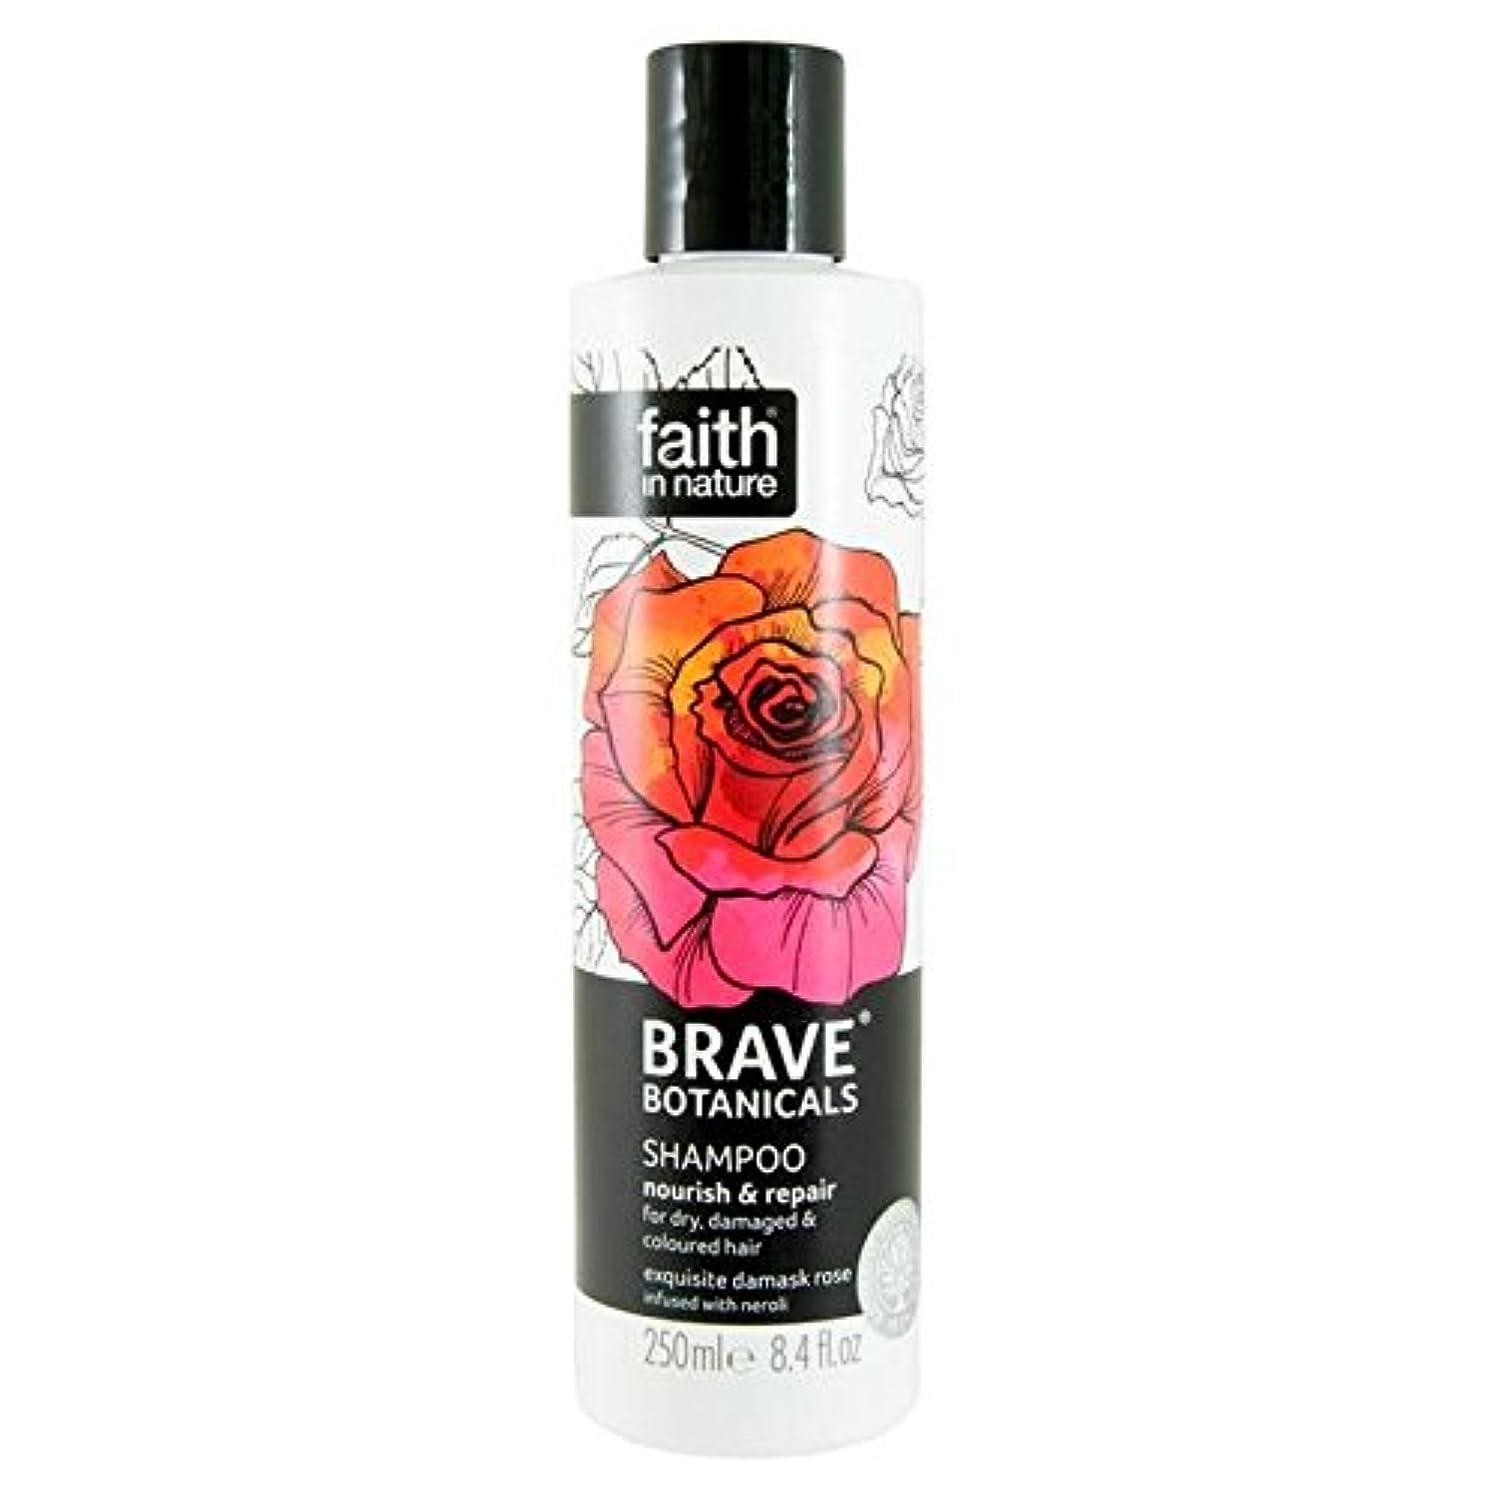 努力詳細な破壊的Brave Botanicals Rose & Neroli Nourish & Repair Shampoo 250ml (Pack of 4) - (Faith In Nature) 勇敢な植物は、ローズ&ネロリは養う&リペアシャンプー250Ml (x4) [並行輸入品]